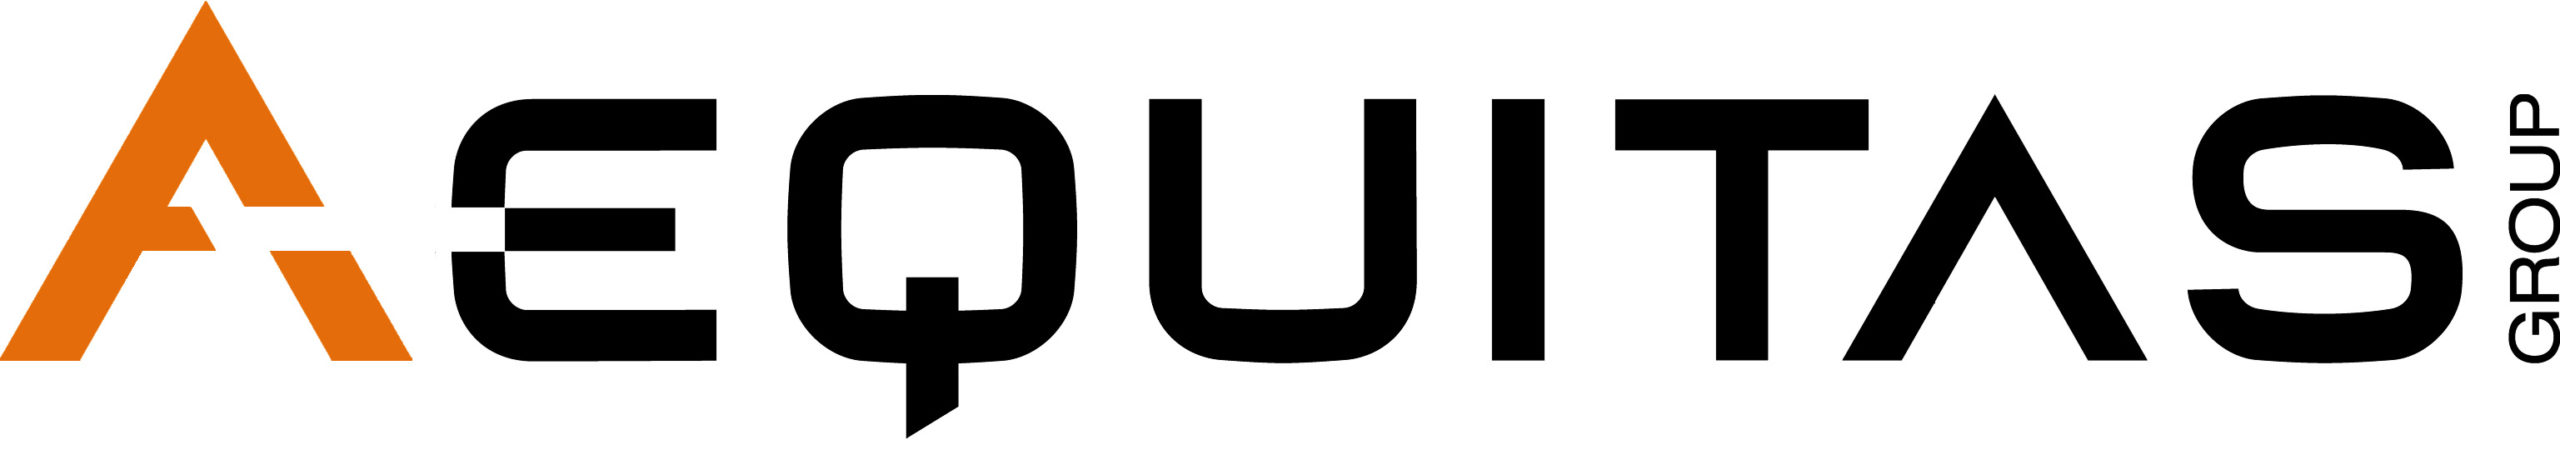 Aequitas Logo